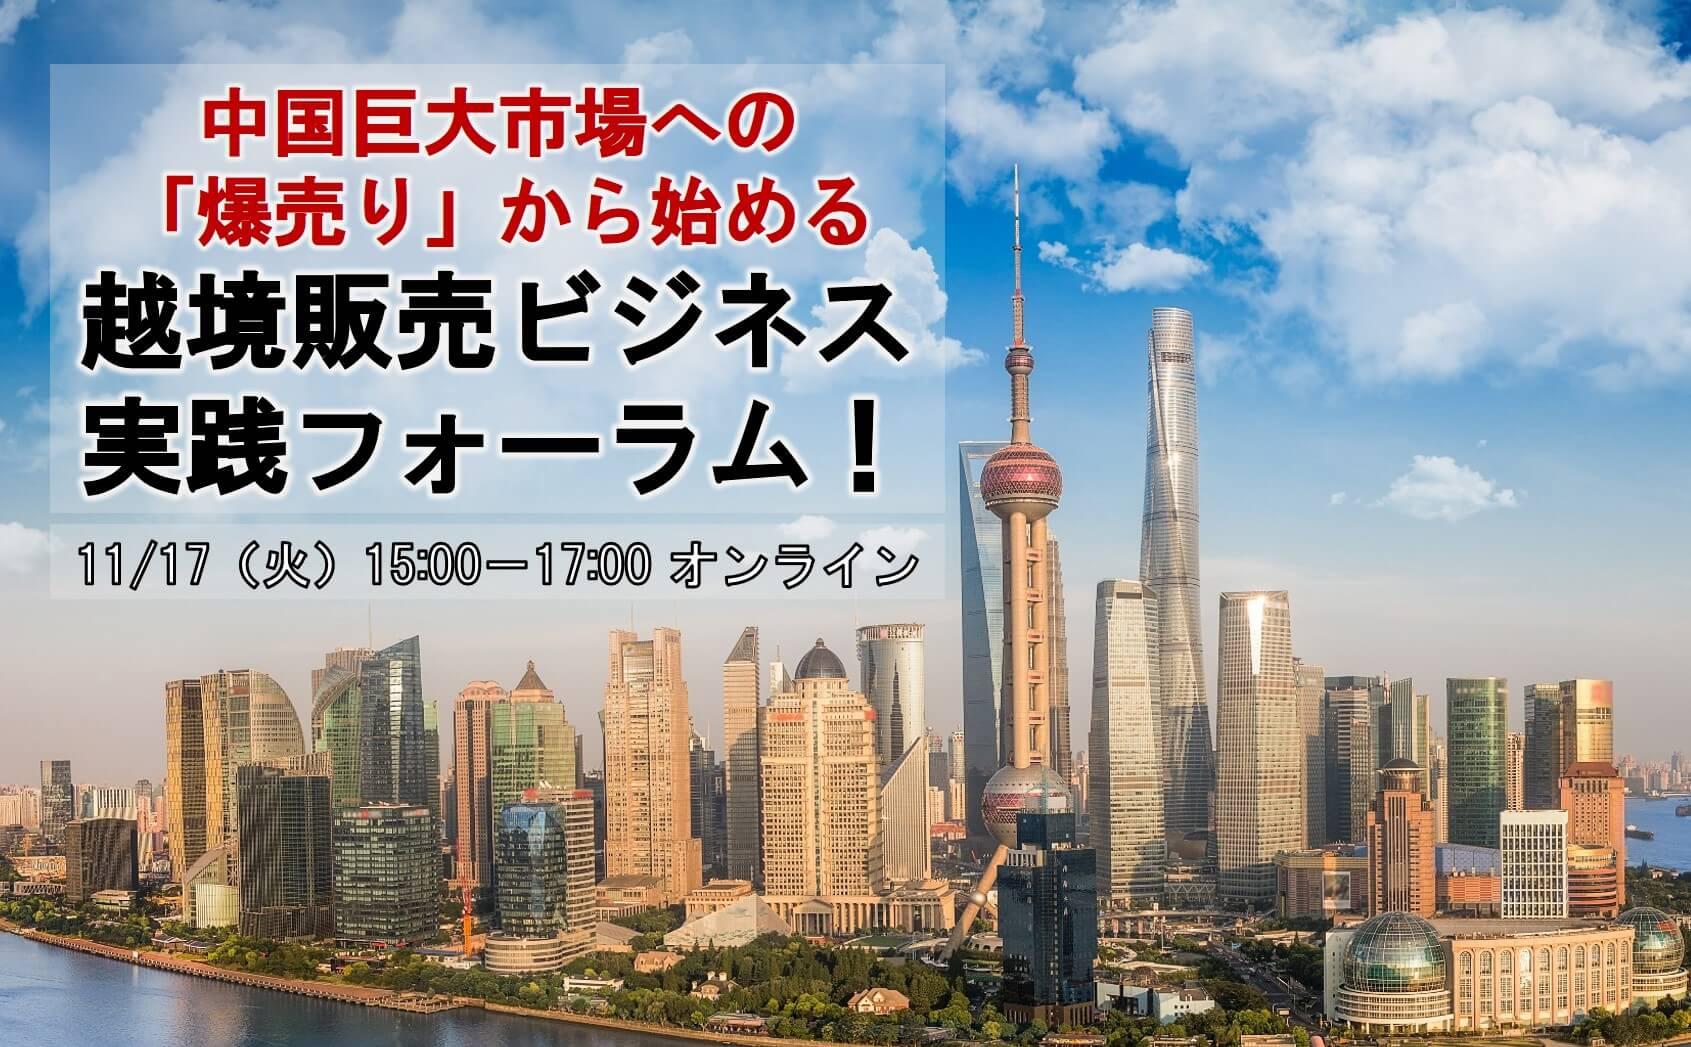 中国巨大市場への「爆売り」から始める 越境ダイレクトビジネス実践フォーラム